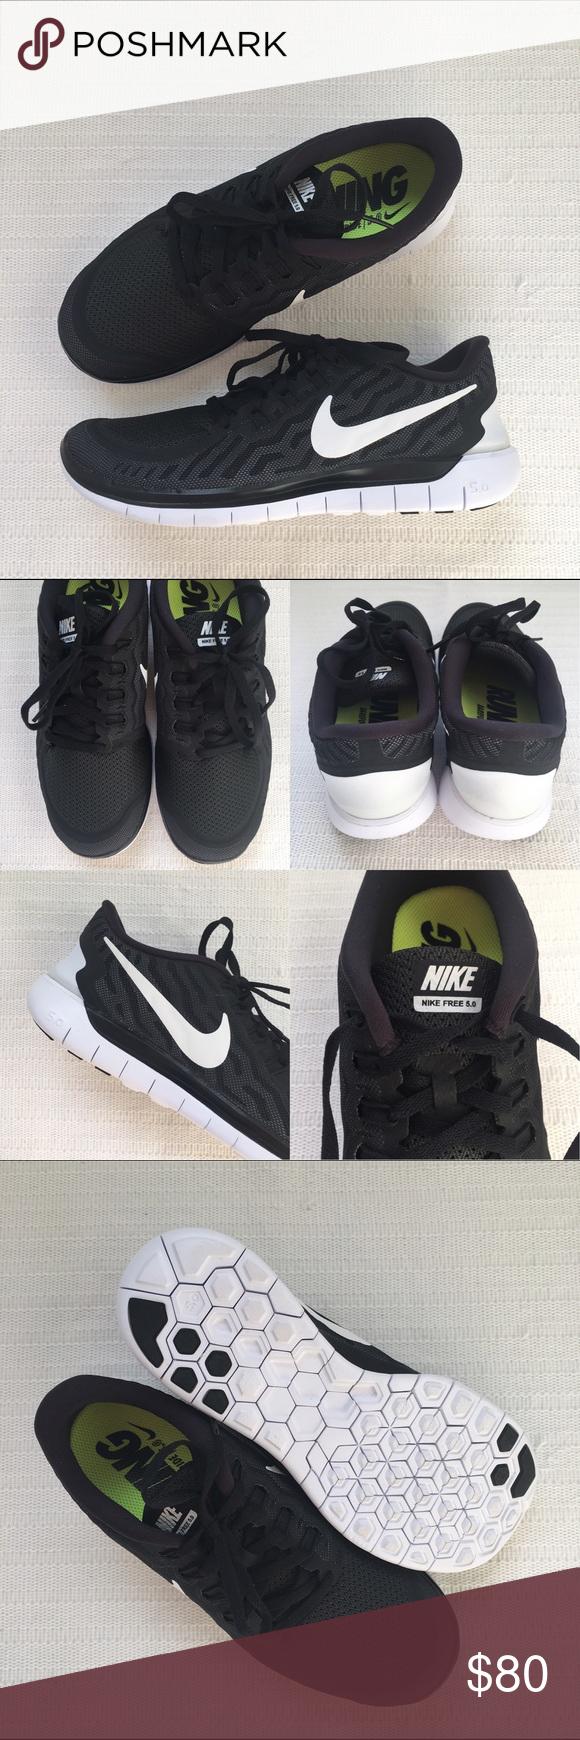 e306c14bd5efb Women s Nike Free 5.0 Running Shoes Women s Nike Free 5.0 Running Shoes  Style Color